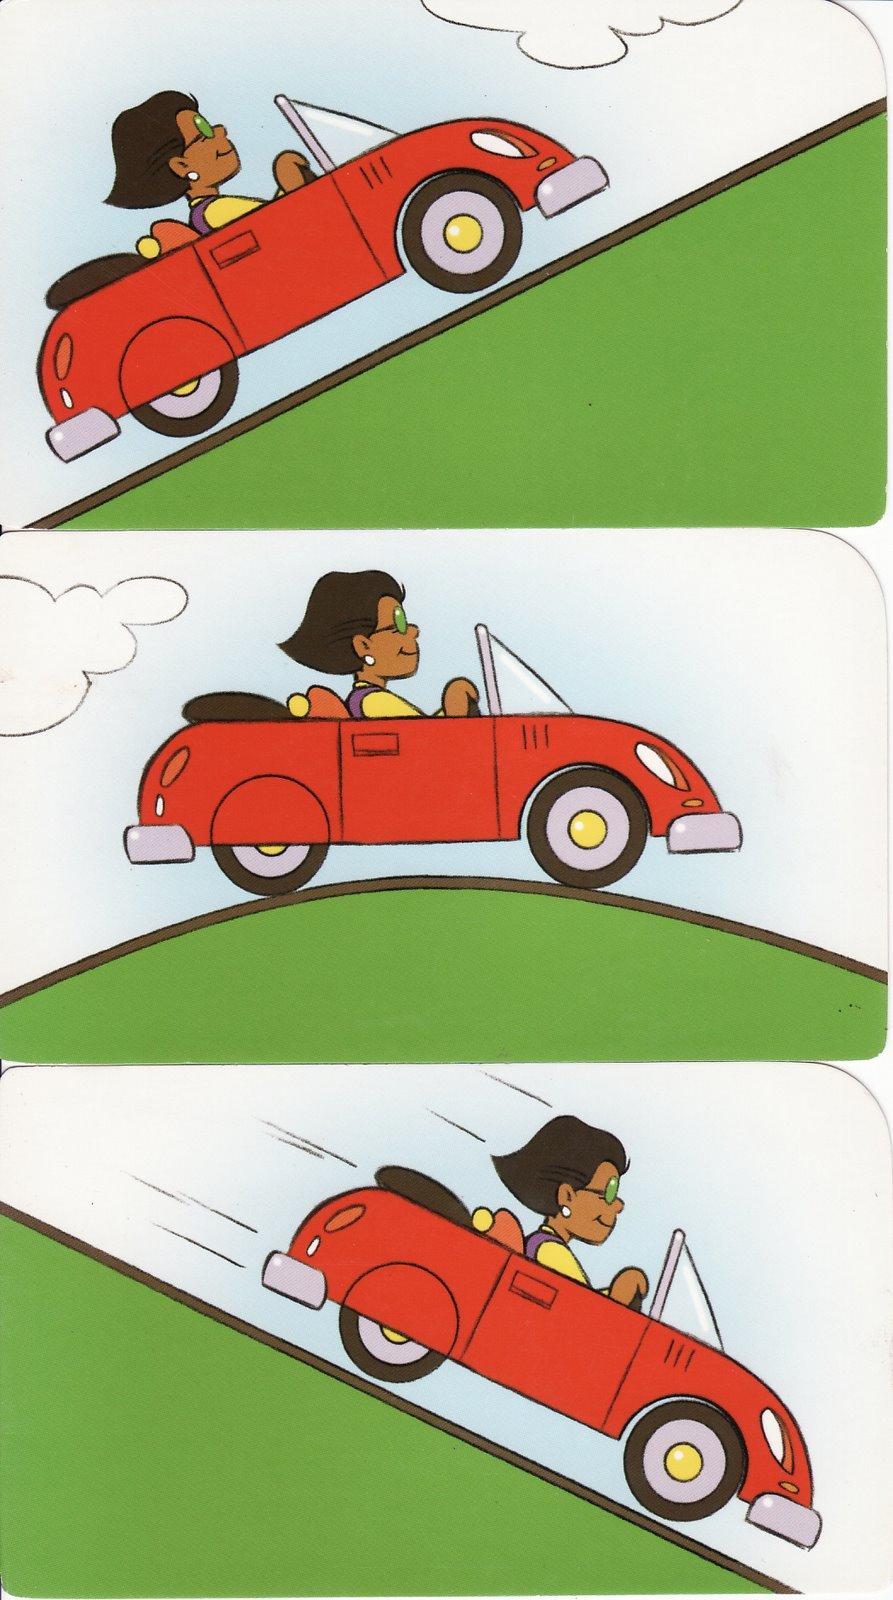 Imagens com sequências para praticar o inglês - Educação ...